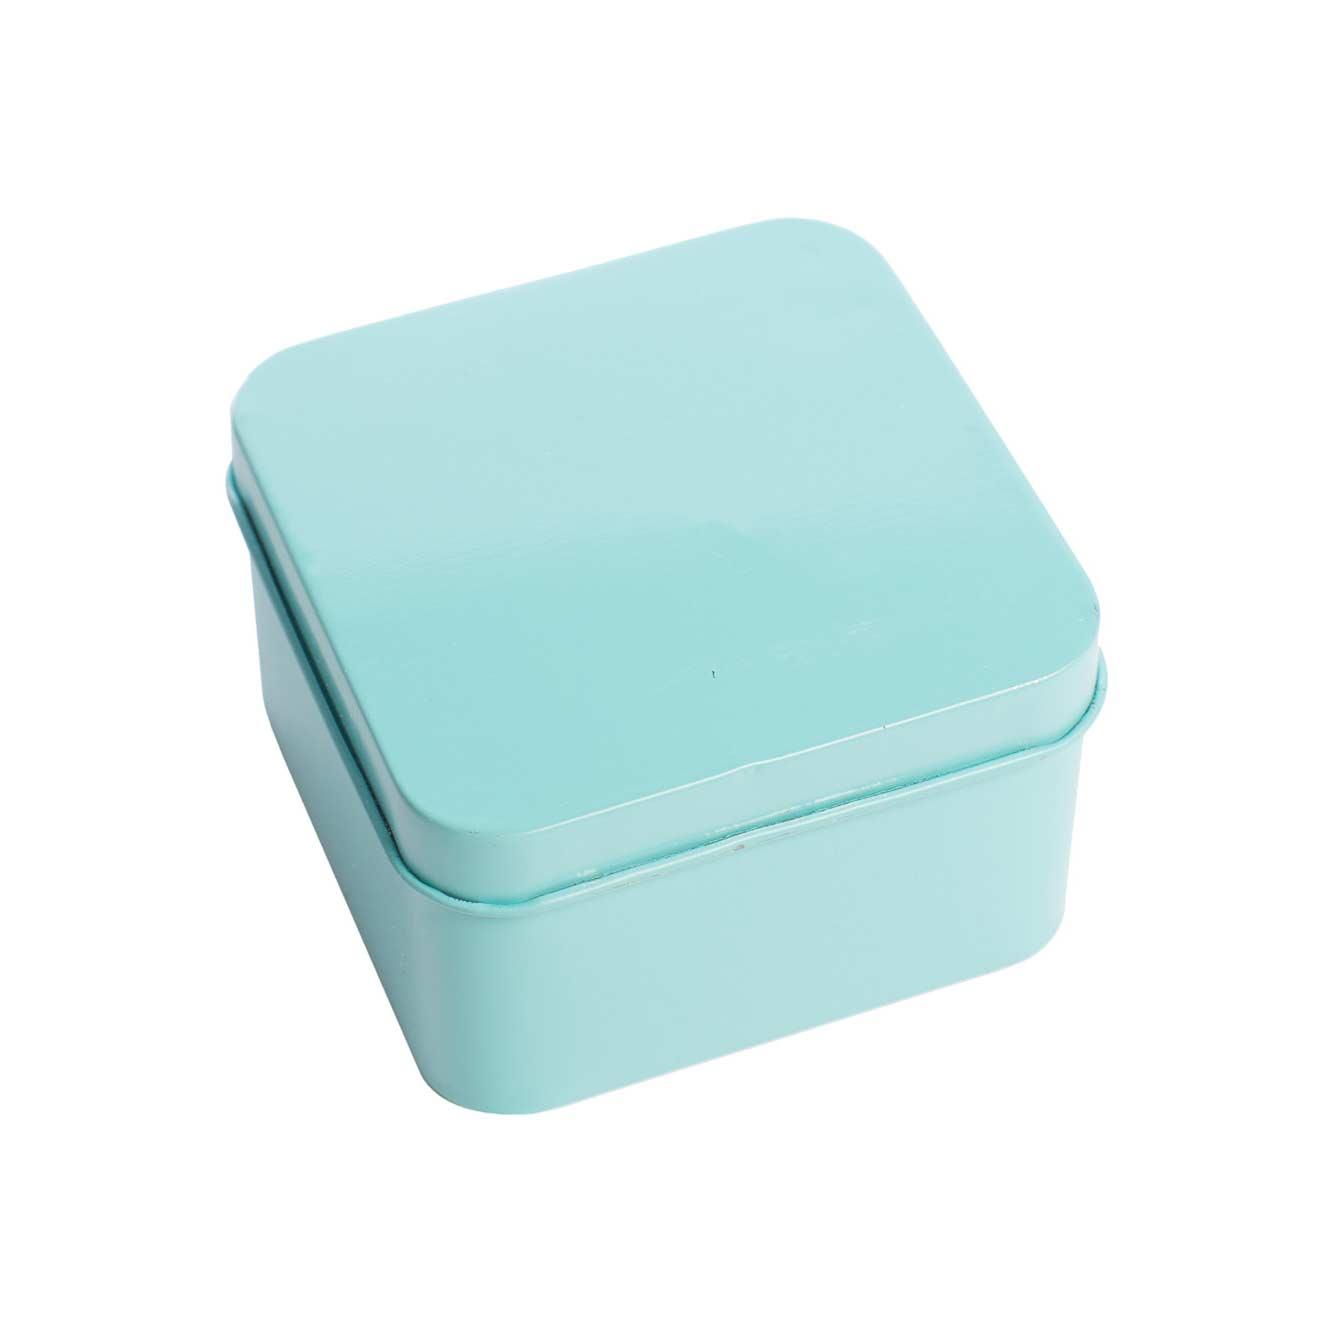 Latinha Quadrada Azul - 12 unidades